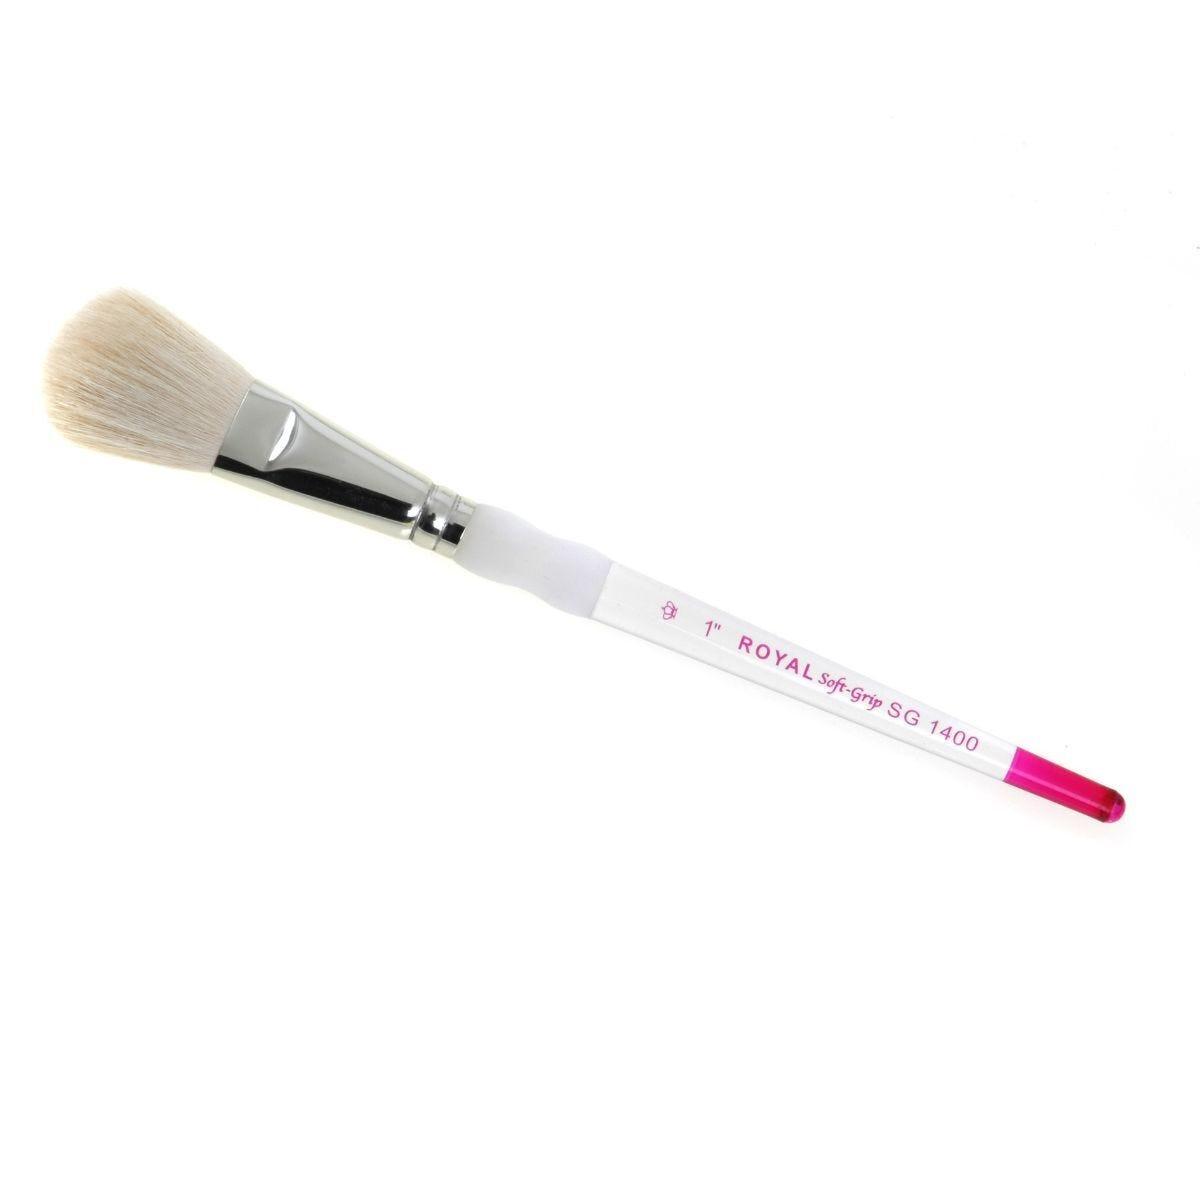 Royal & Langnickel Paint Brush Soft Grip Blending Nylon